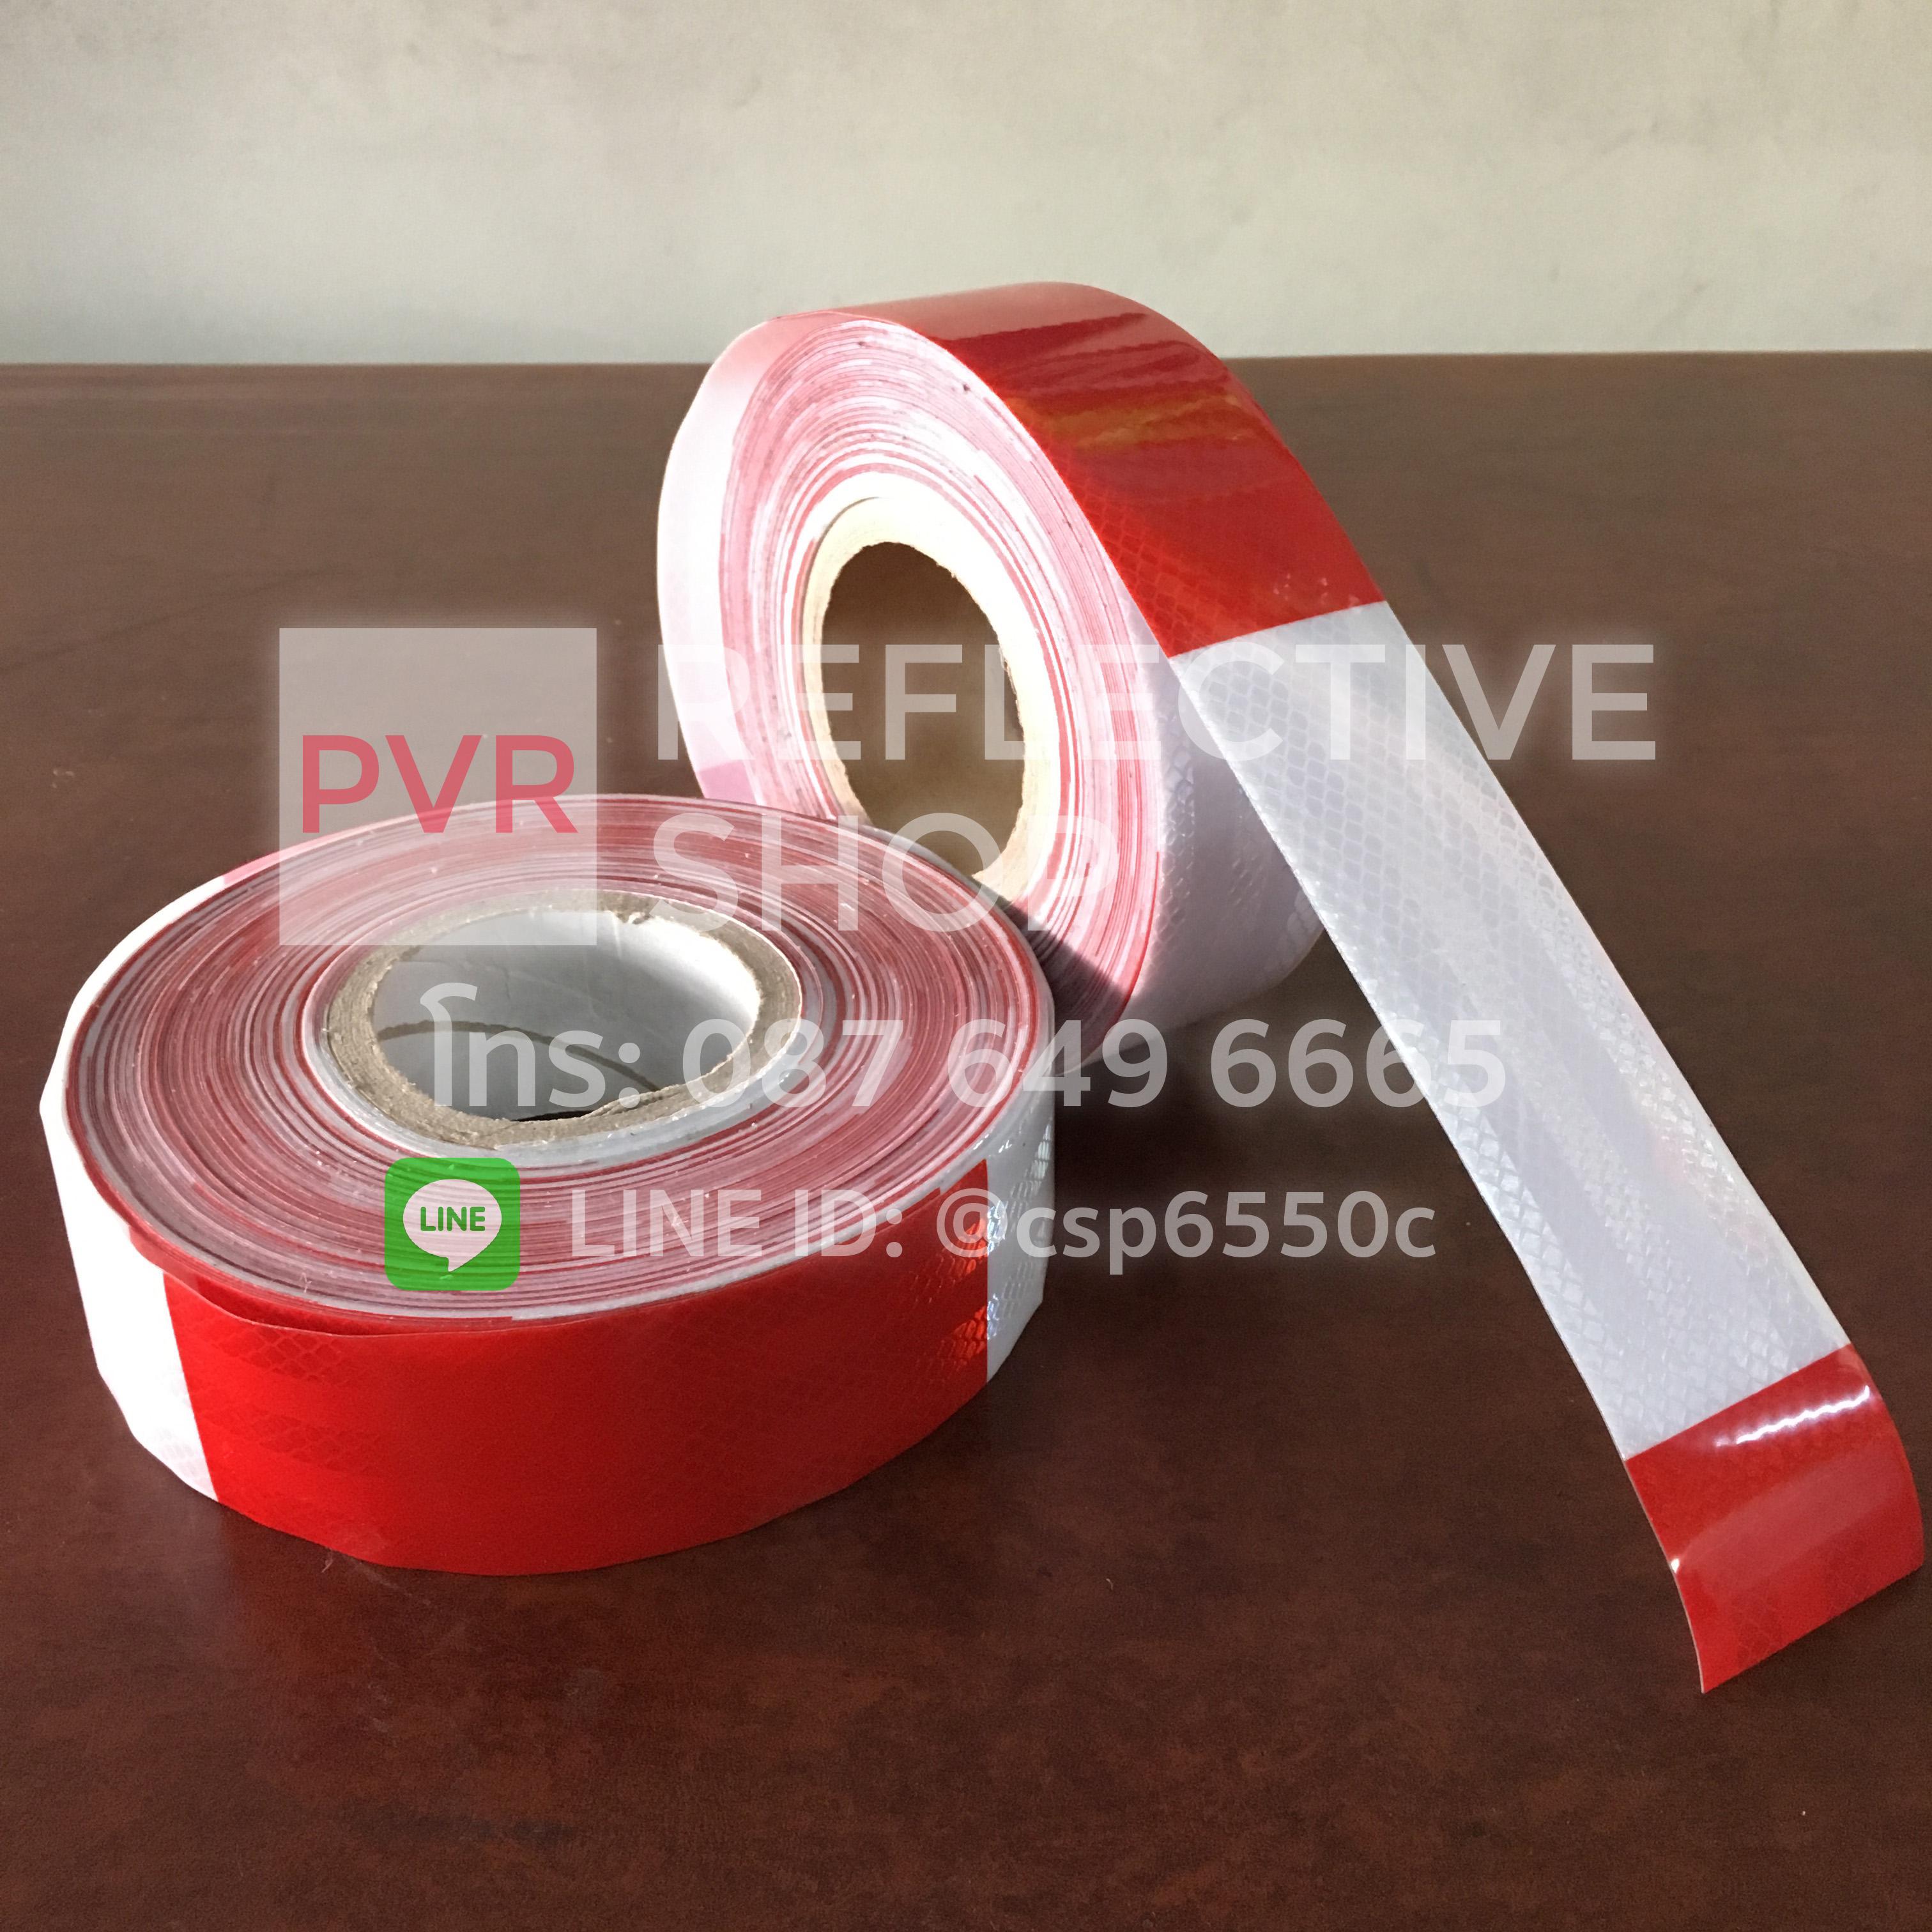 สติ๊กเกอร์สะท้อนแสง ไดมอนต์เกรด ขนาด 2 นิ้ว สีขาวสลับแดง